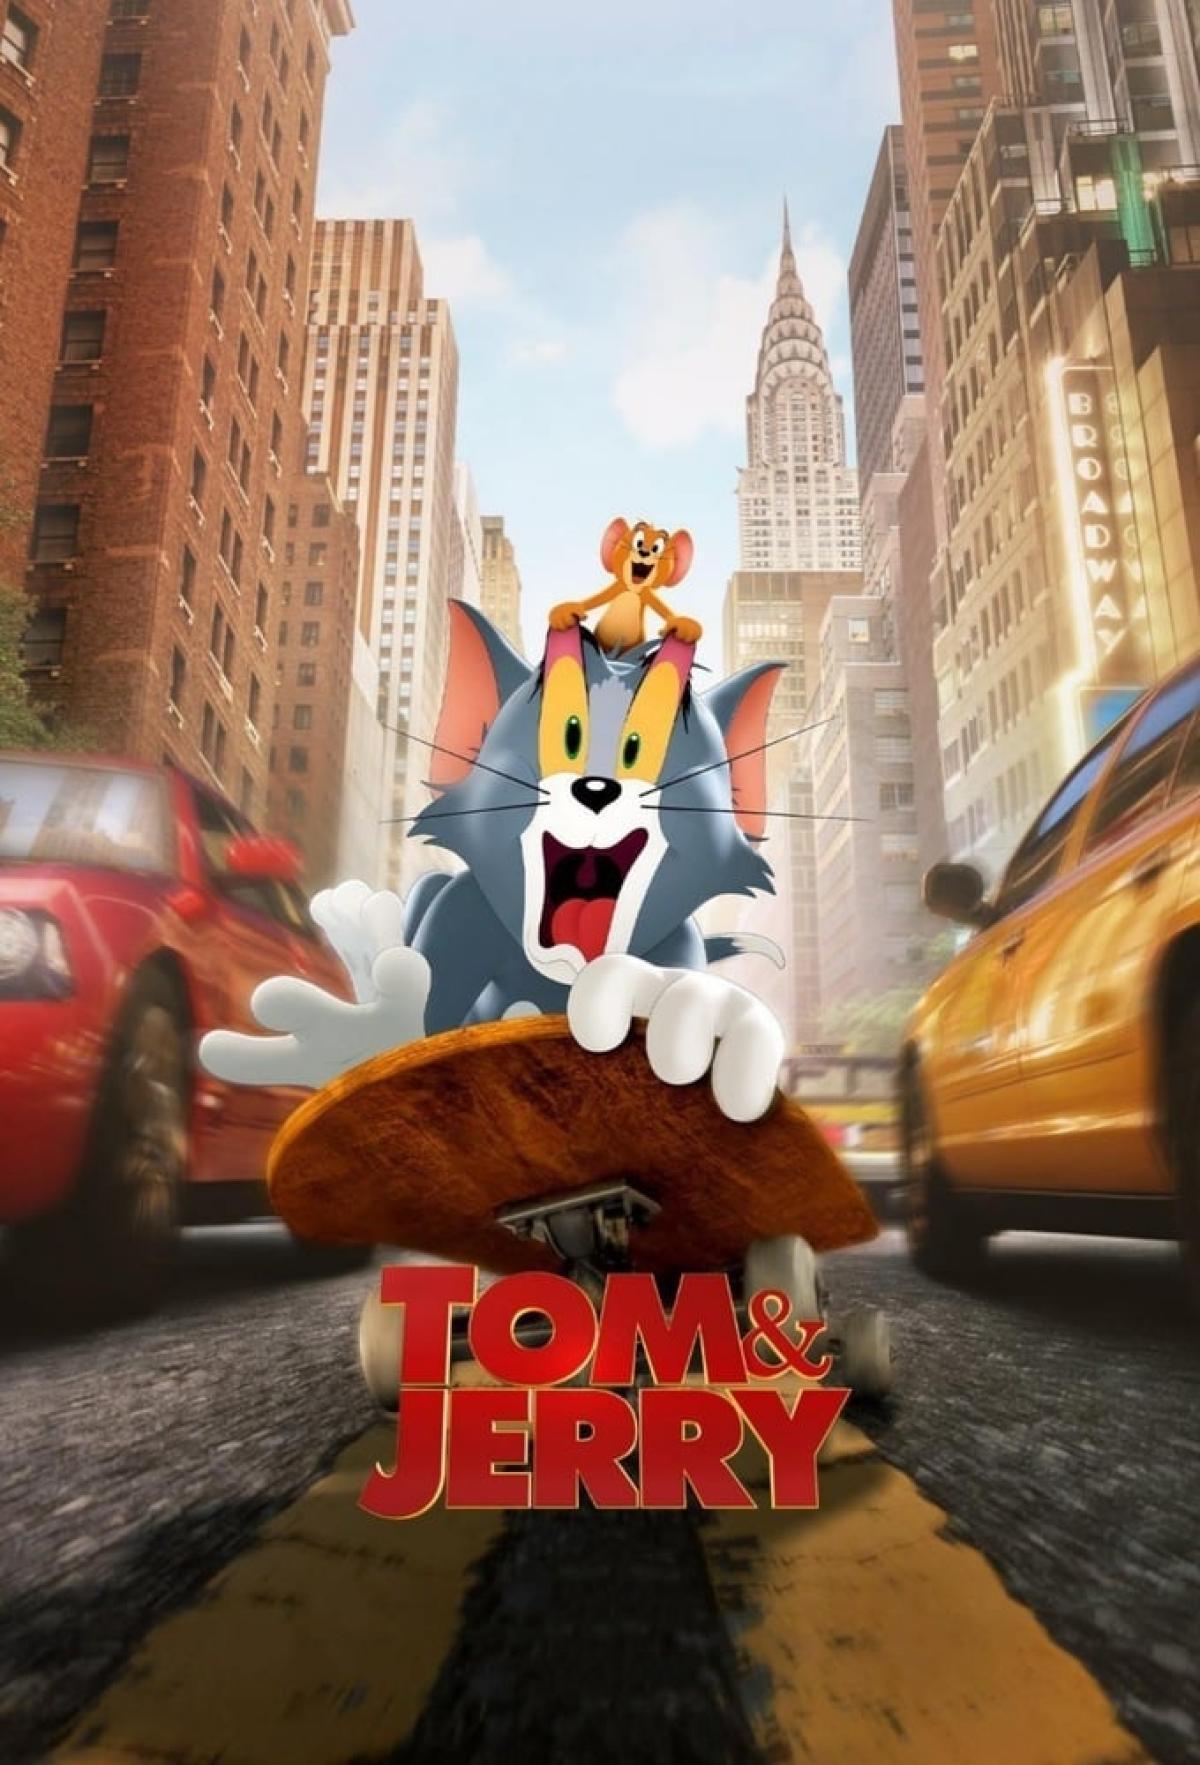 Tom Y Jerry 2021 Criticas Noticias Novedades Y Opiniones Peliculas En Hobbyconsolas